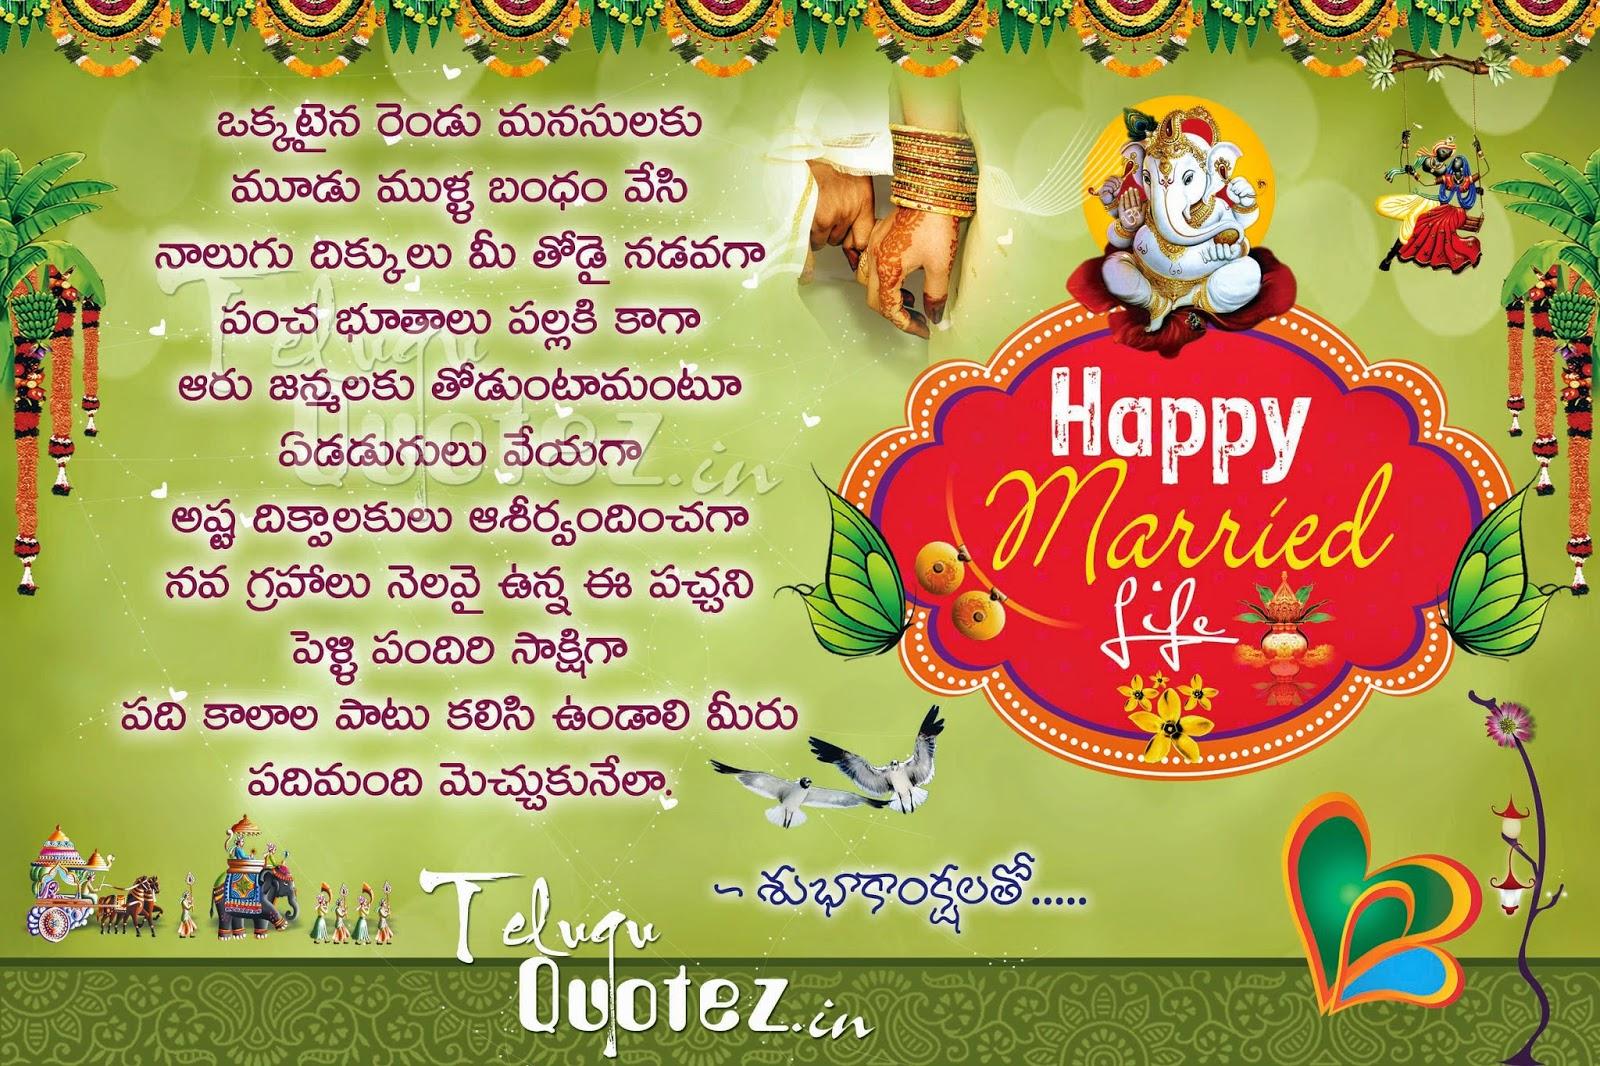 Indian Wedding Telugu Wishes For Couples Teluguquotez In